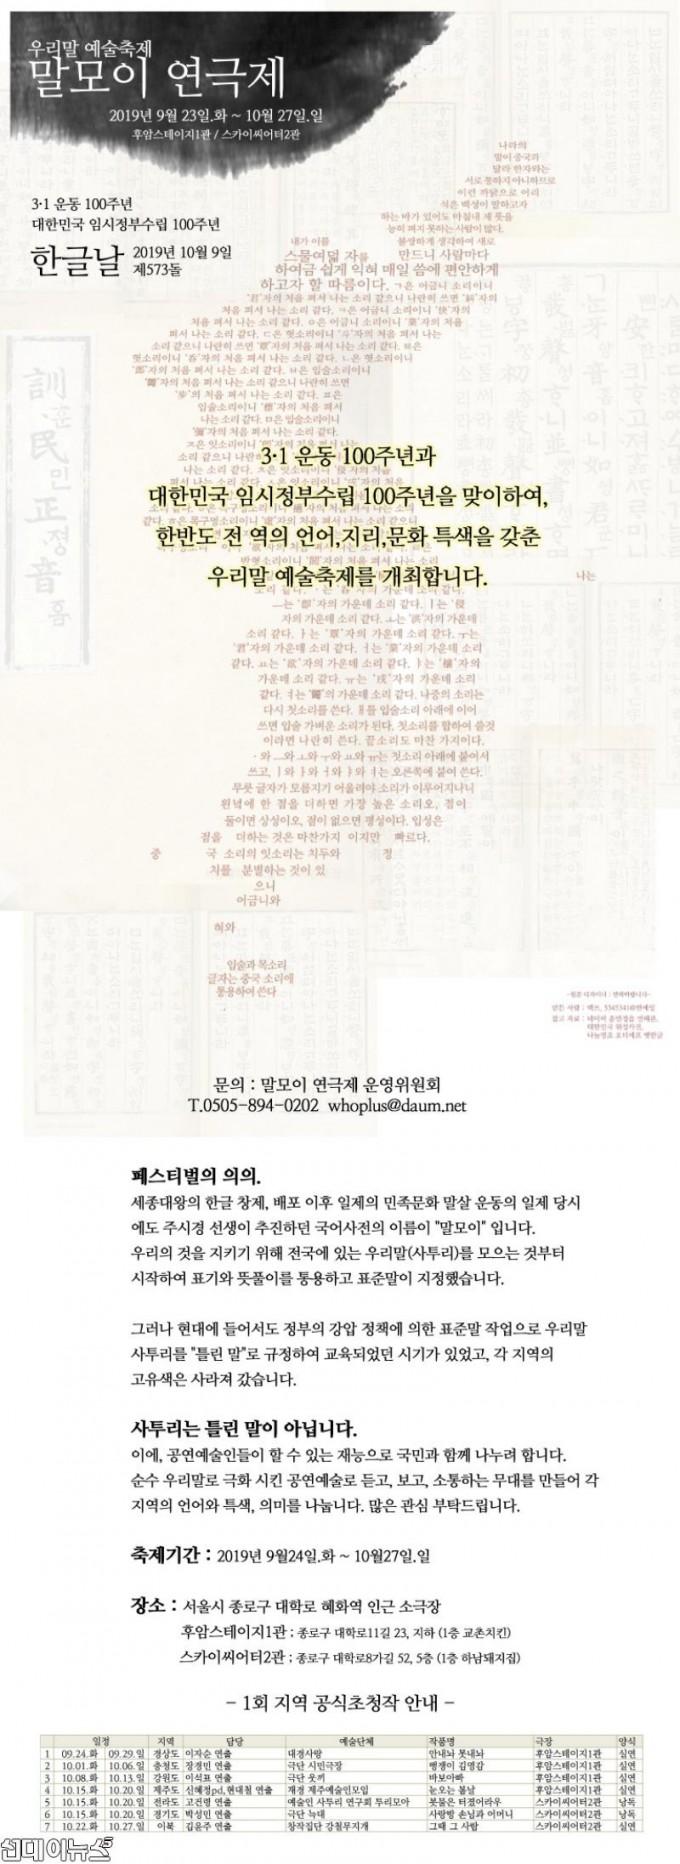 말모이연극제 포스터6.jpg